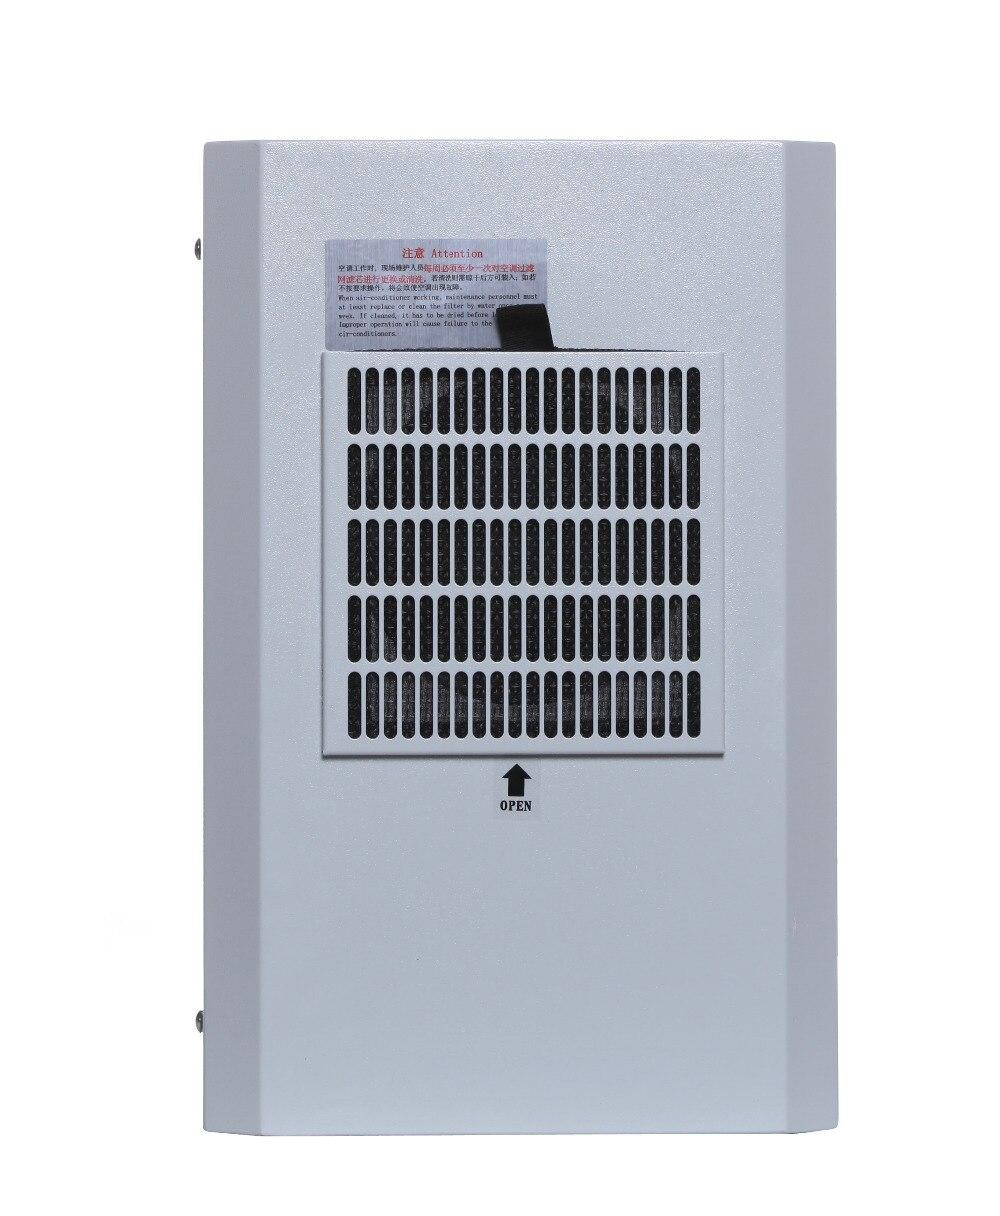 commutateur de temp/érature /à disque bim/étallique. Electronics-Salon 10pcs KSD301 Thermostat /à 135 /° C normalement ferm/é